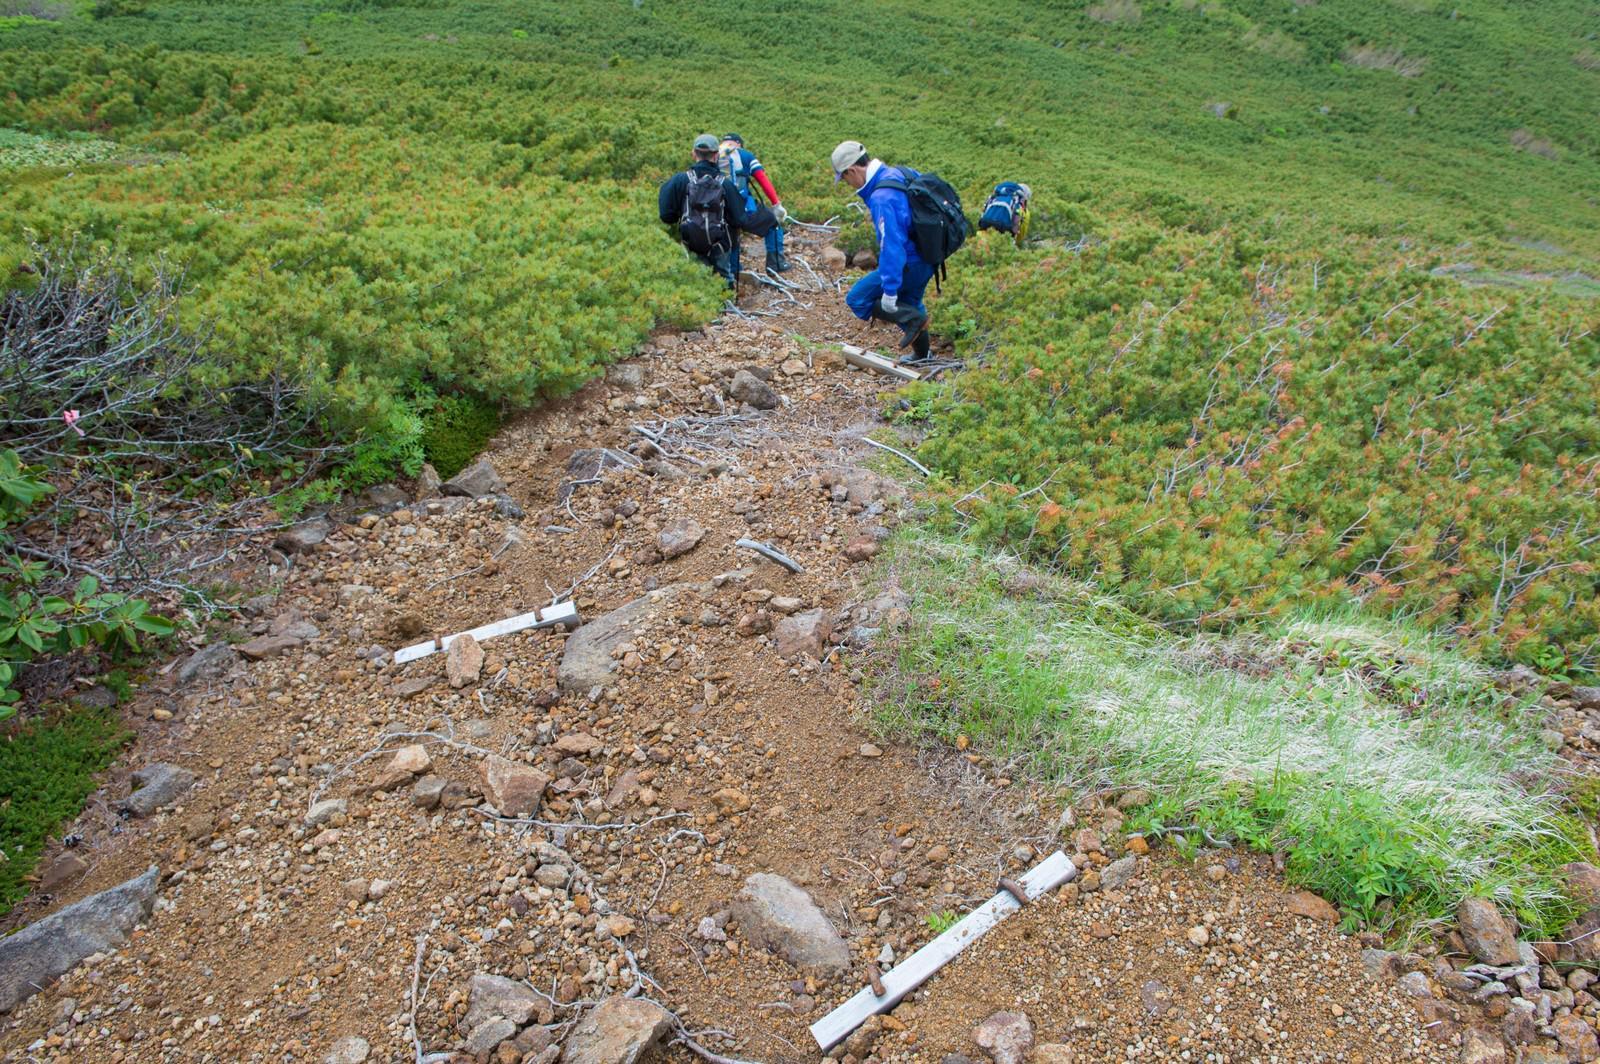 「足場の悪い登山道の傾斜を下る登山者足場の悪い登山道の傾斜を下る登山者」のフリー写真素材を拡大